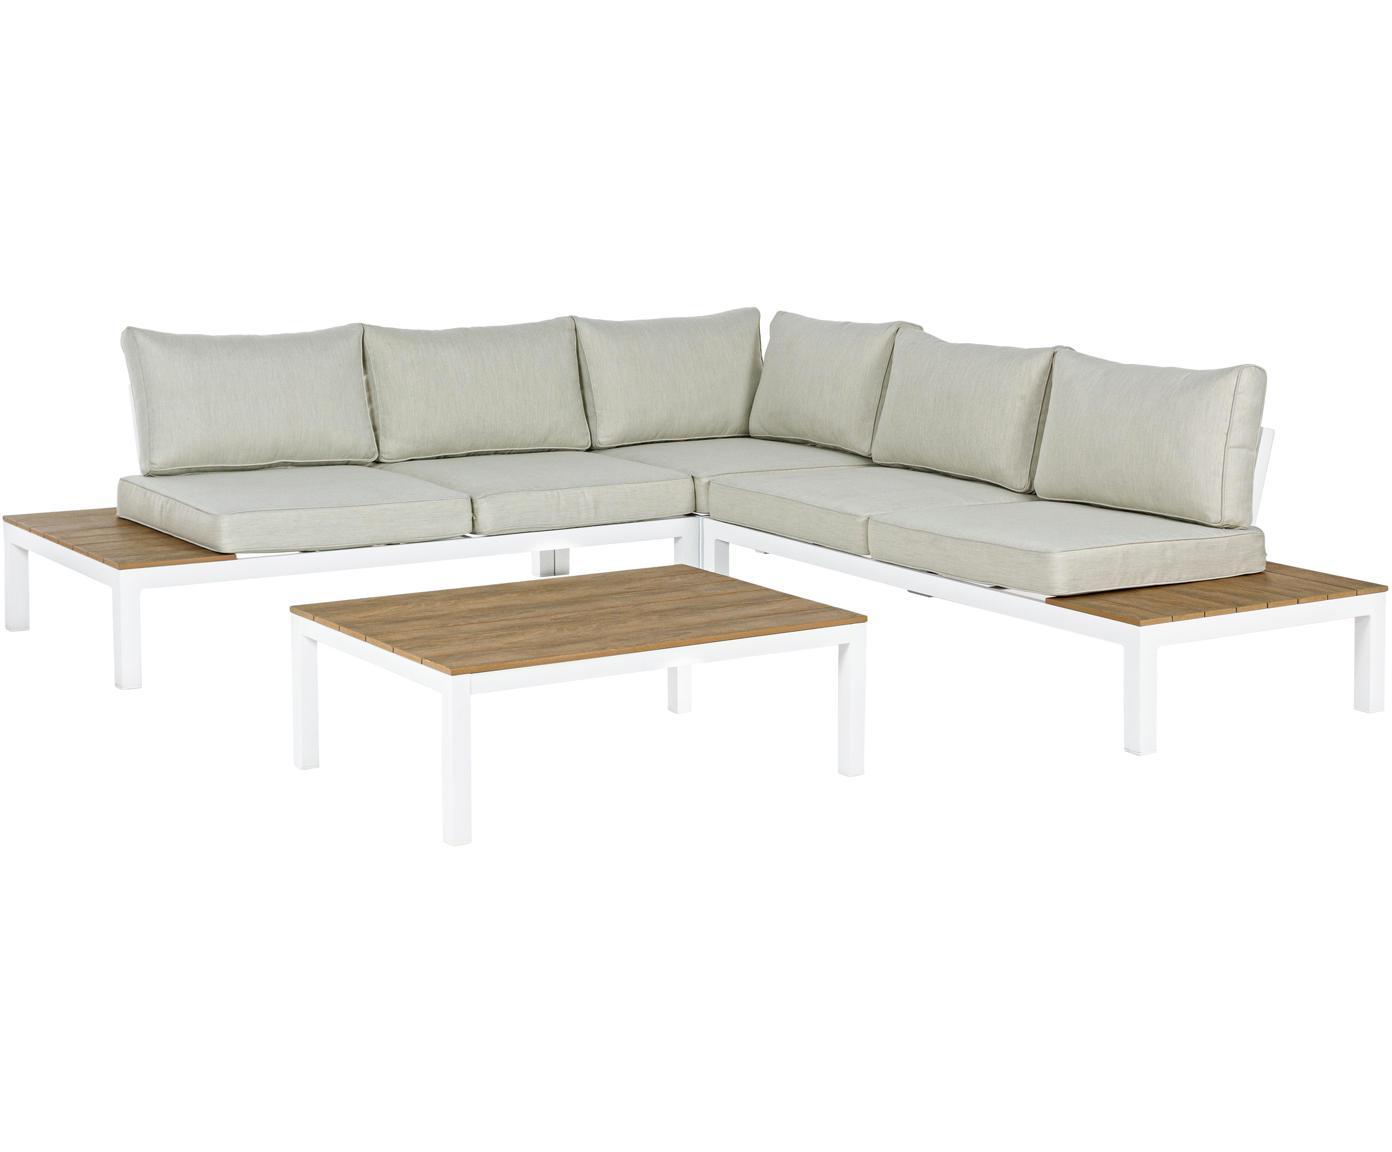 Komplet mebli ogrodowych Elias, 4 elem., Stelaż: aluminium, malowane prosz, Tapicerka: poliester, Biały, drewno tekowe, beżowy, Różne rozmiary